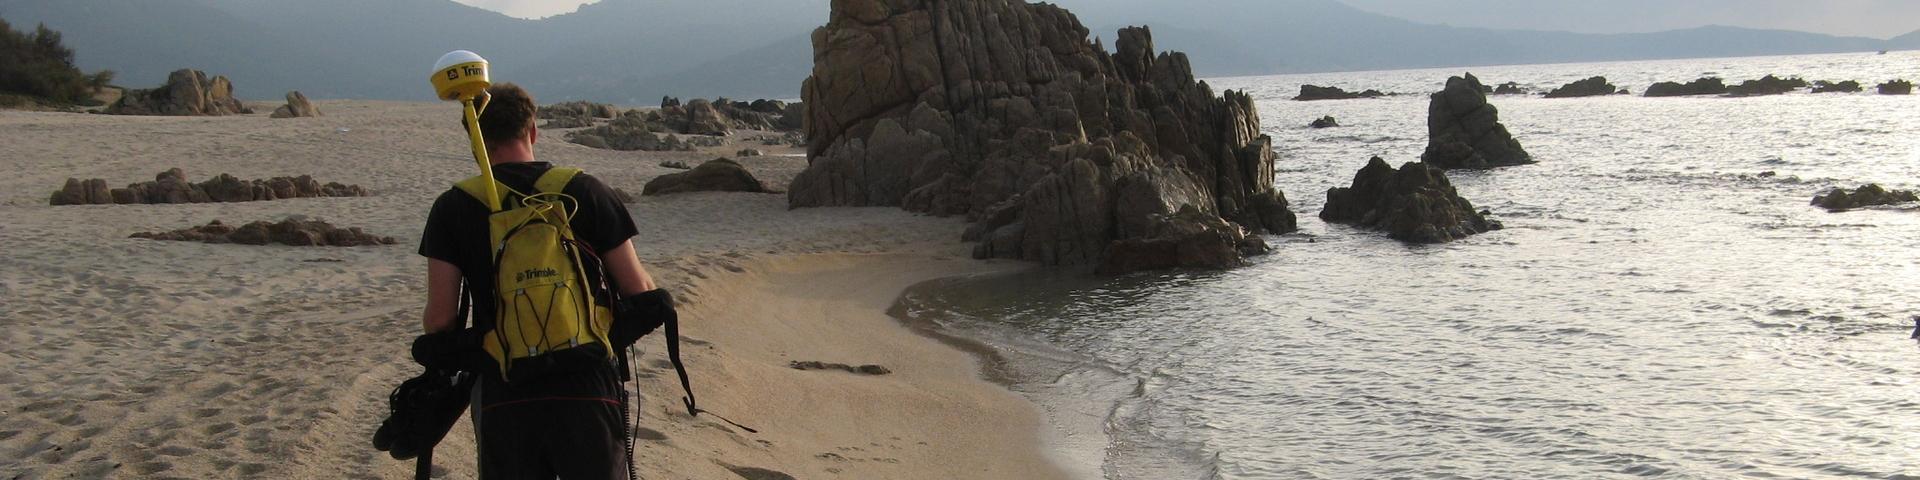 Making a survey of the shoreline, Corse-du-Sud